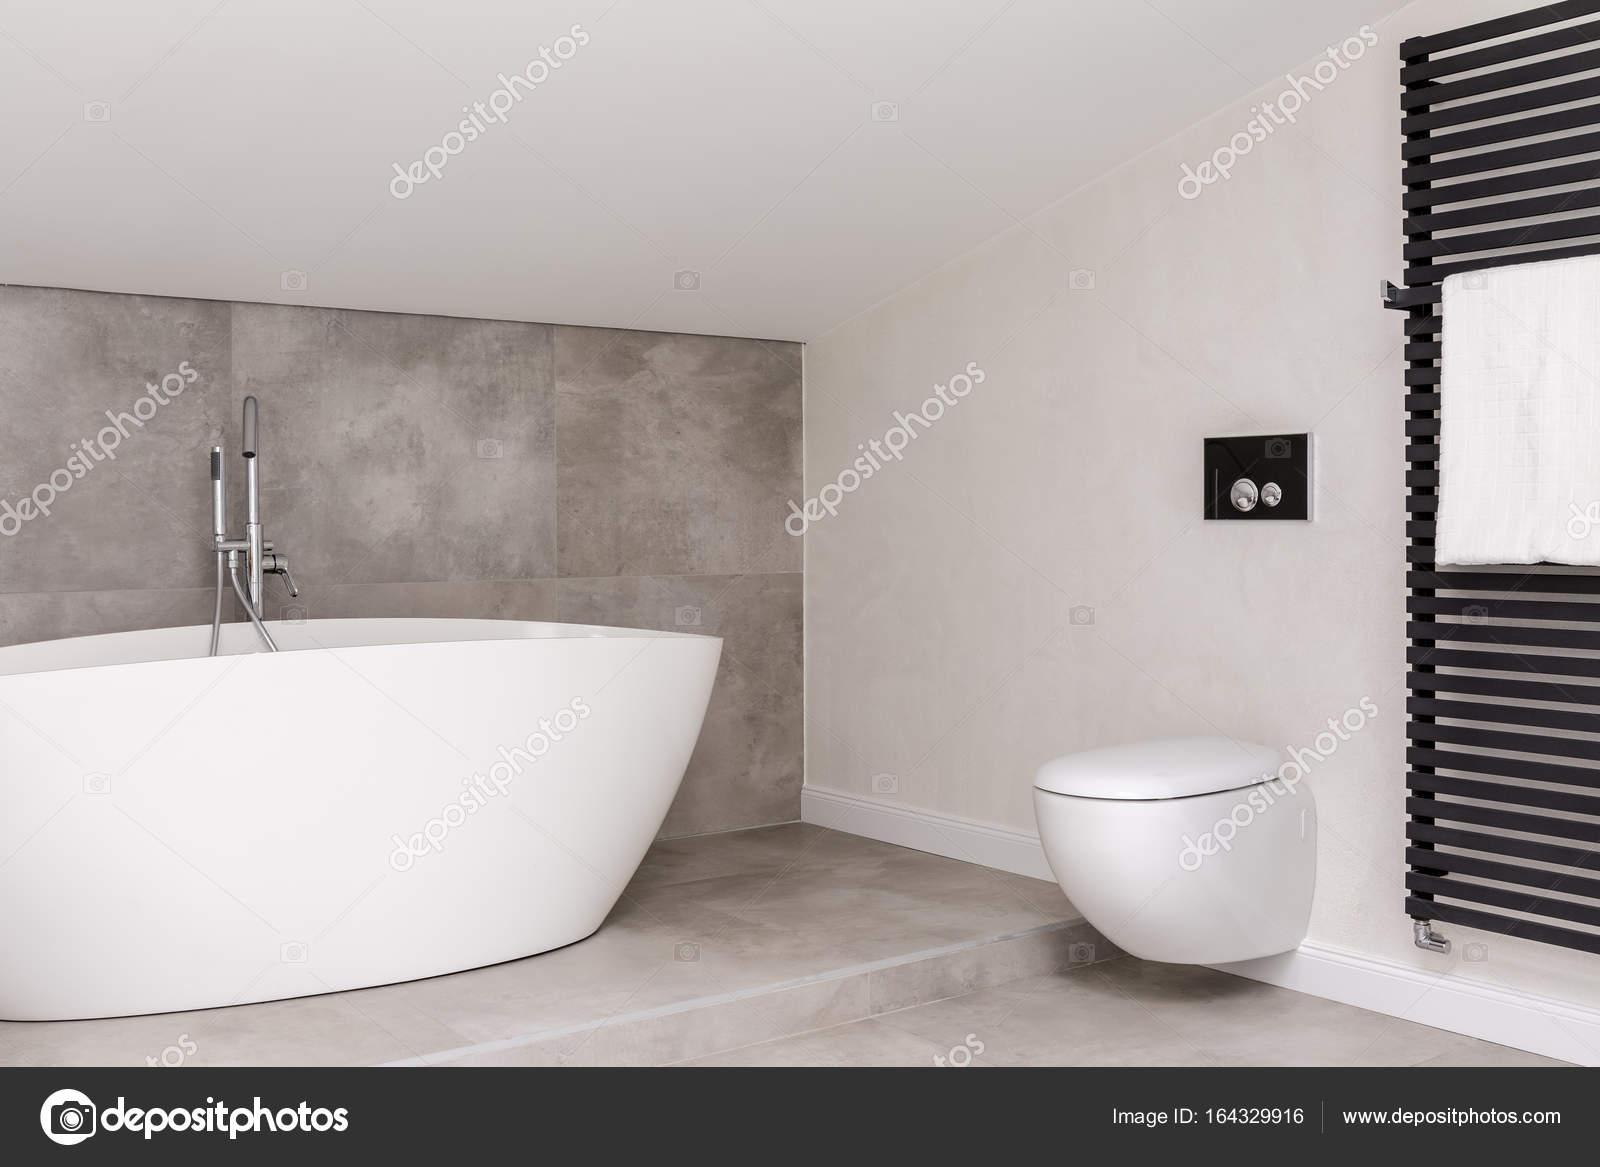 Toilette Da Bagno : Semplice bagno con la toilette u foto stock photographee eu